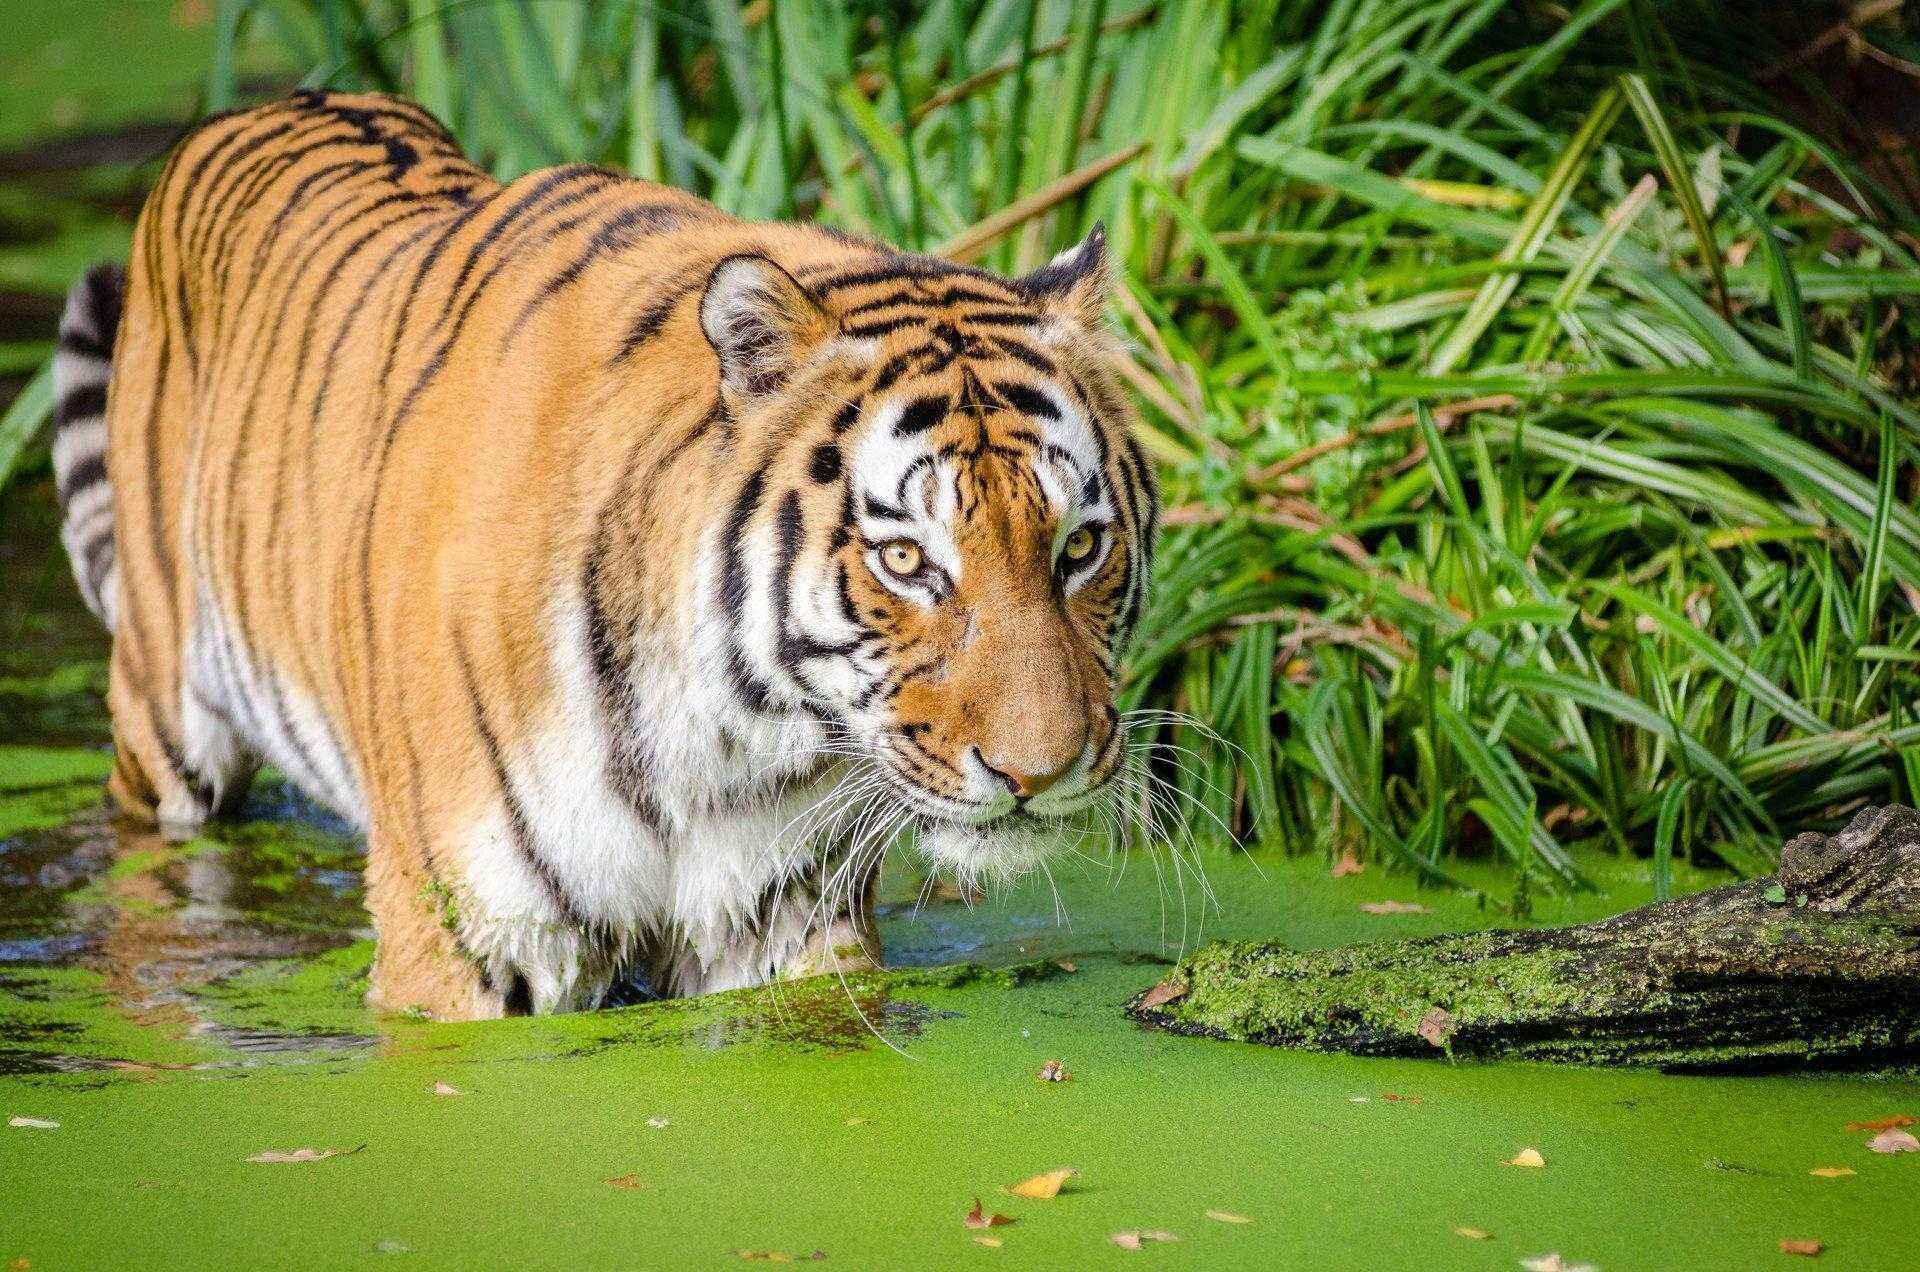 тигр, вода, болото, ряска, трава, заросли, большая кошка, хищник